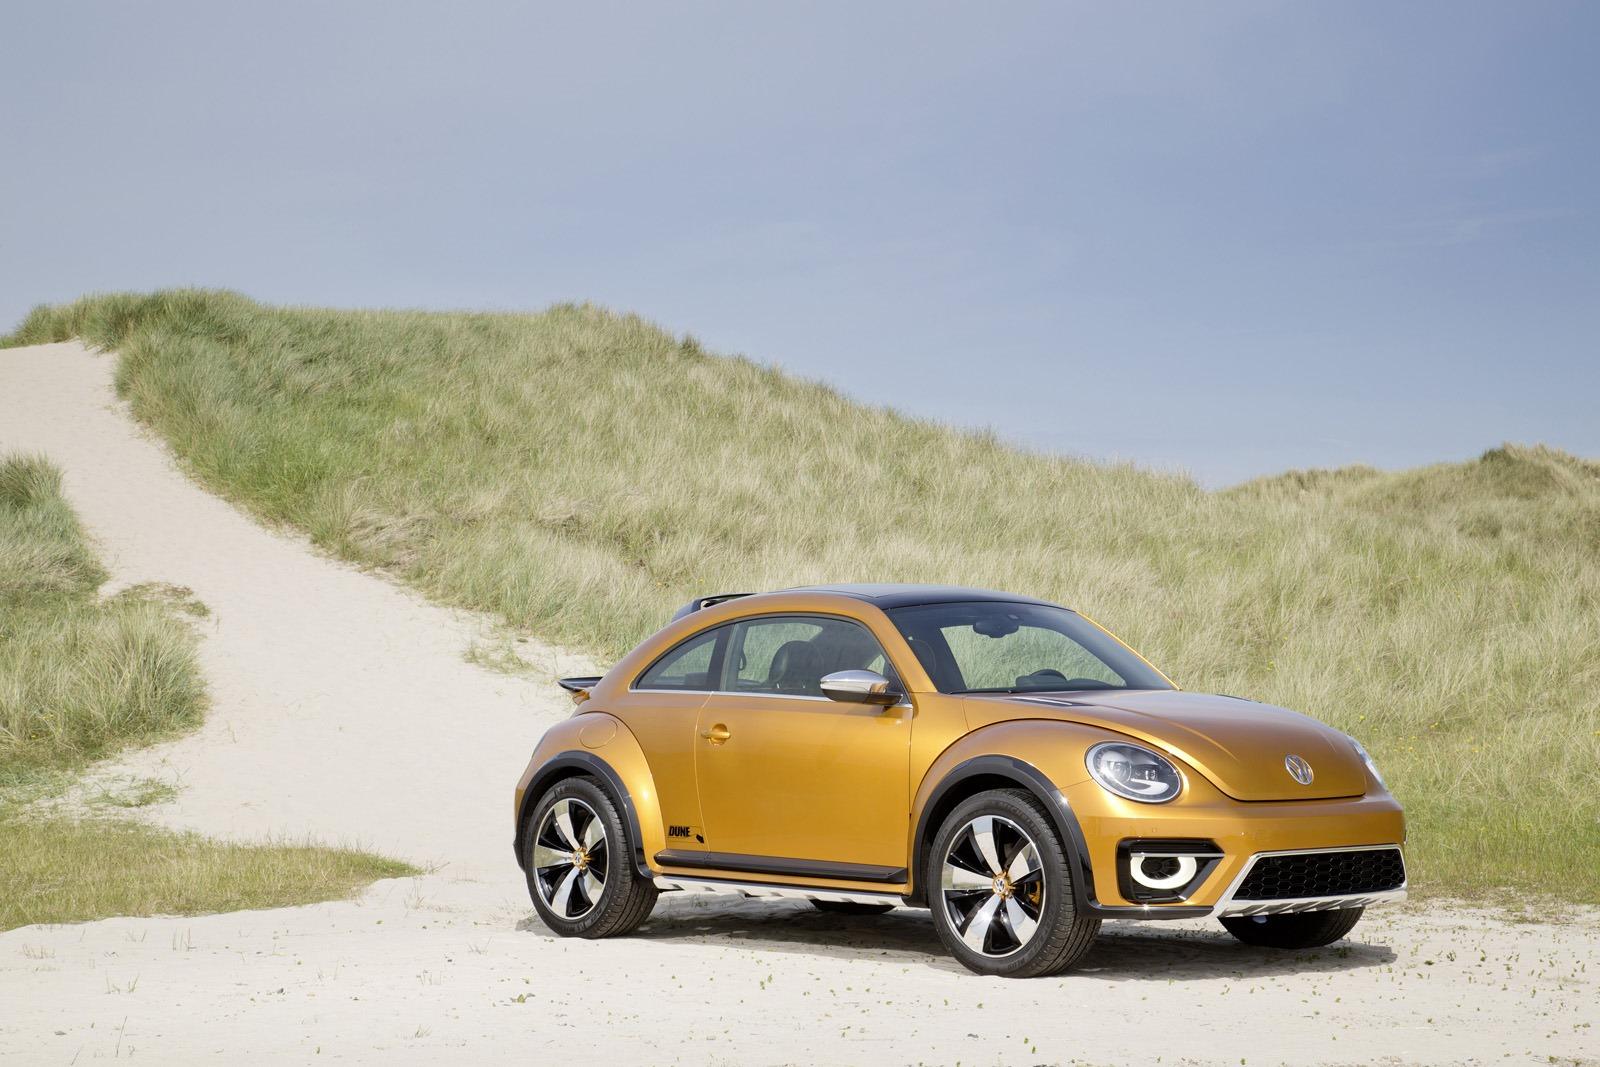 Фото концепта VW Dune 2014